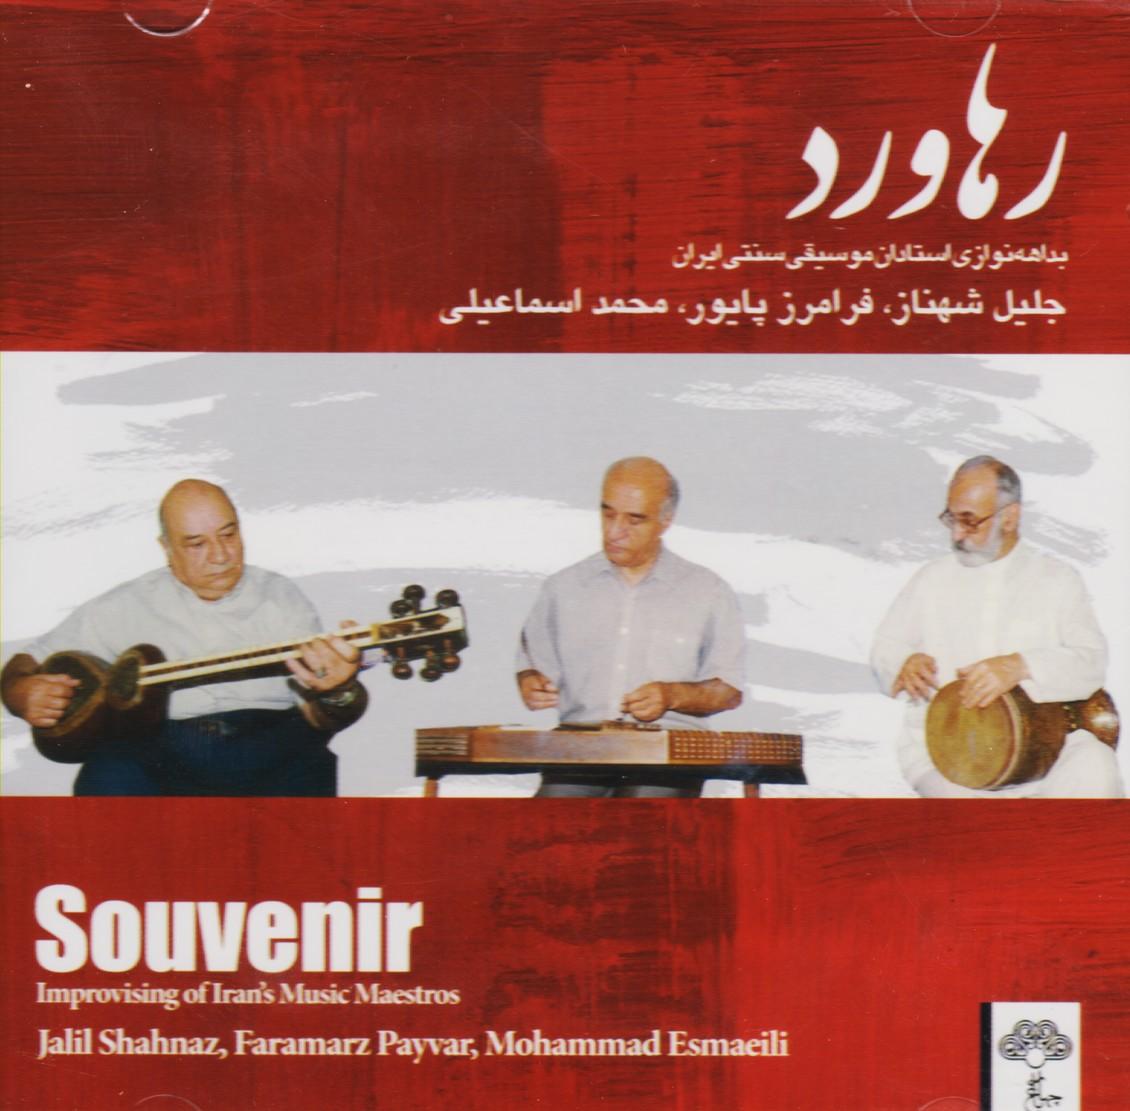 رهاورد: بداهه نوازی استادان موسیقی سنتی ایران